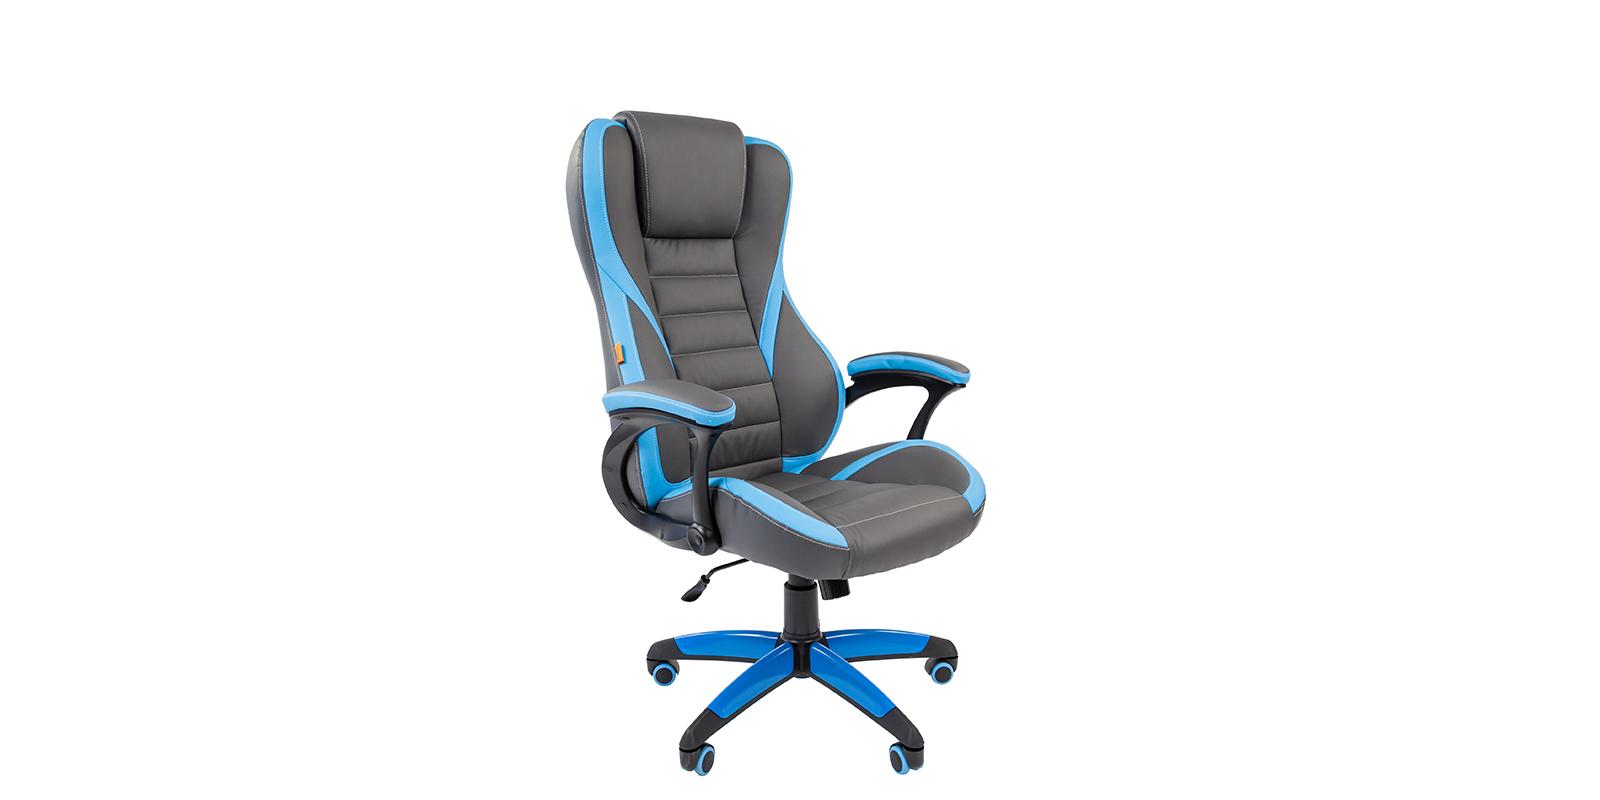 Игровое кресло Chairman game 22 (серый/голубой)